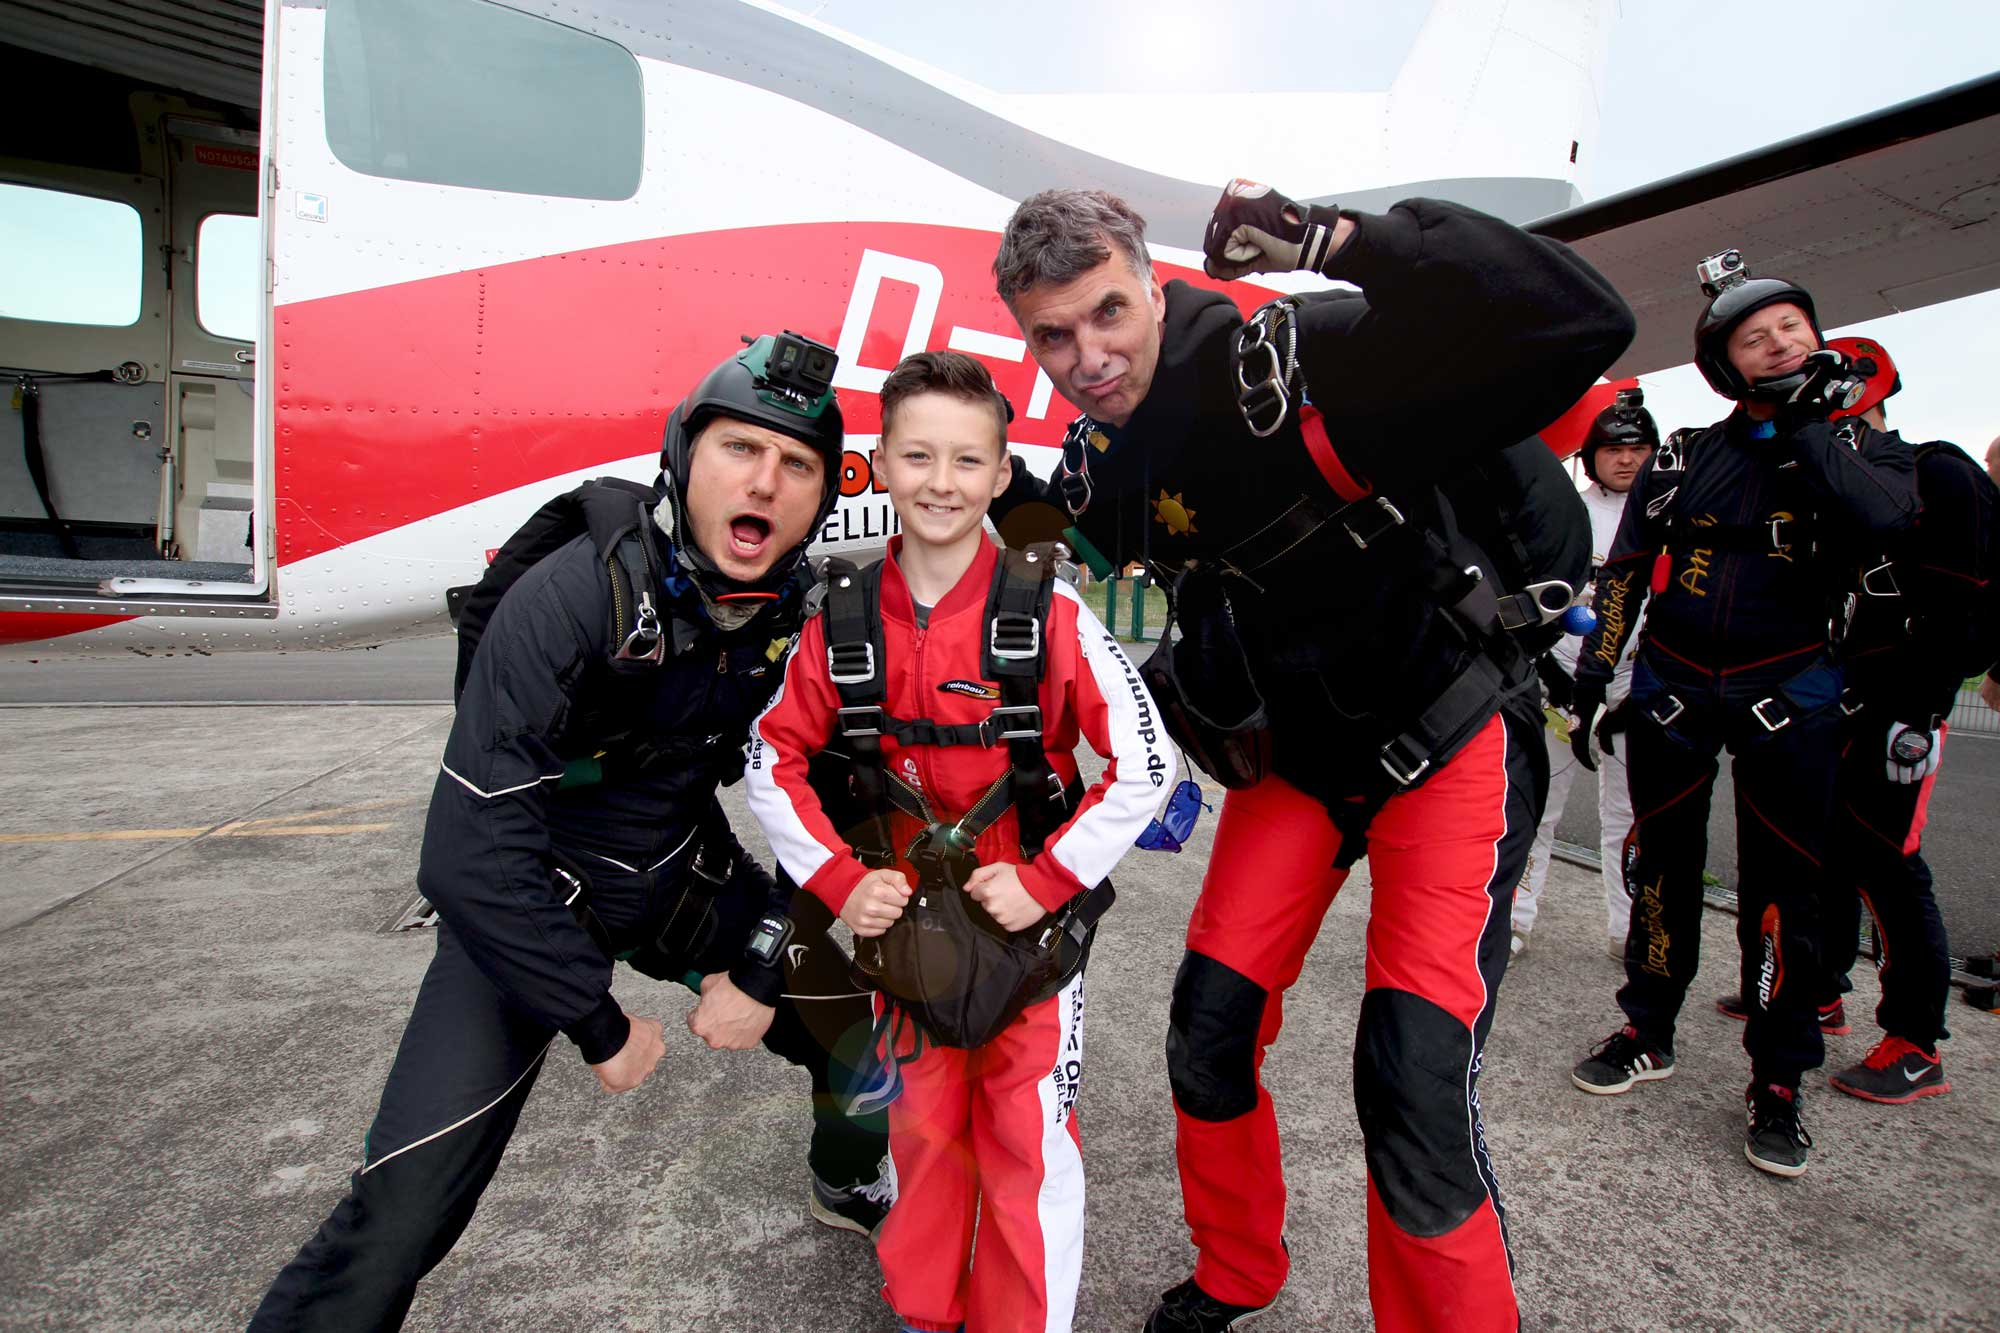 TAKE Off Berlin - Tandemspringen - Kind mit Tandempiloten kurz vor dem Sprung